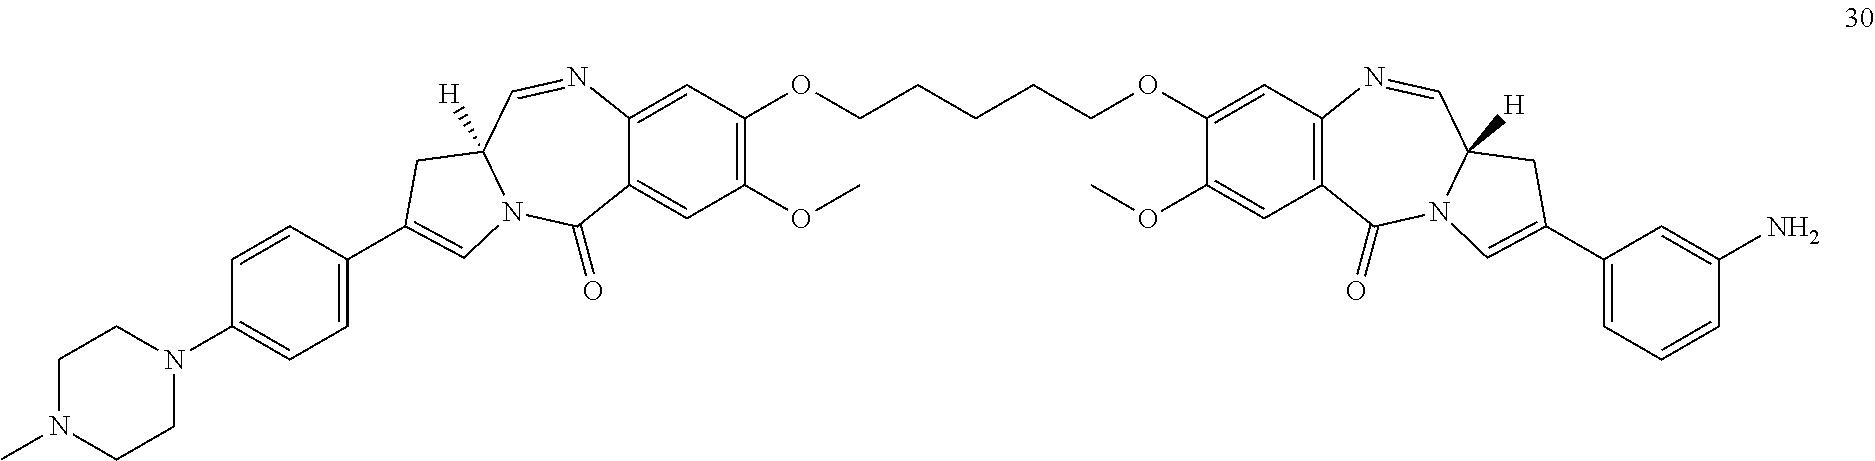 Figure US20150273078A1-20151001-C00022